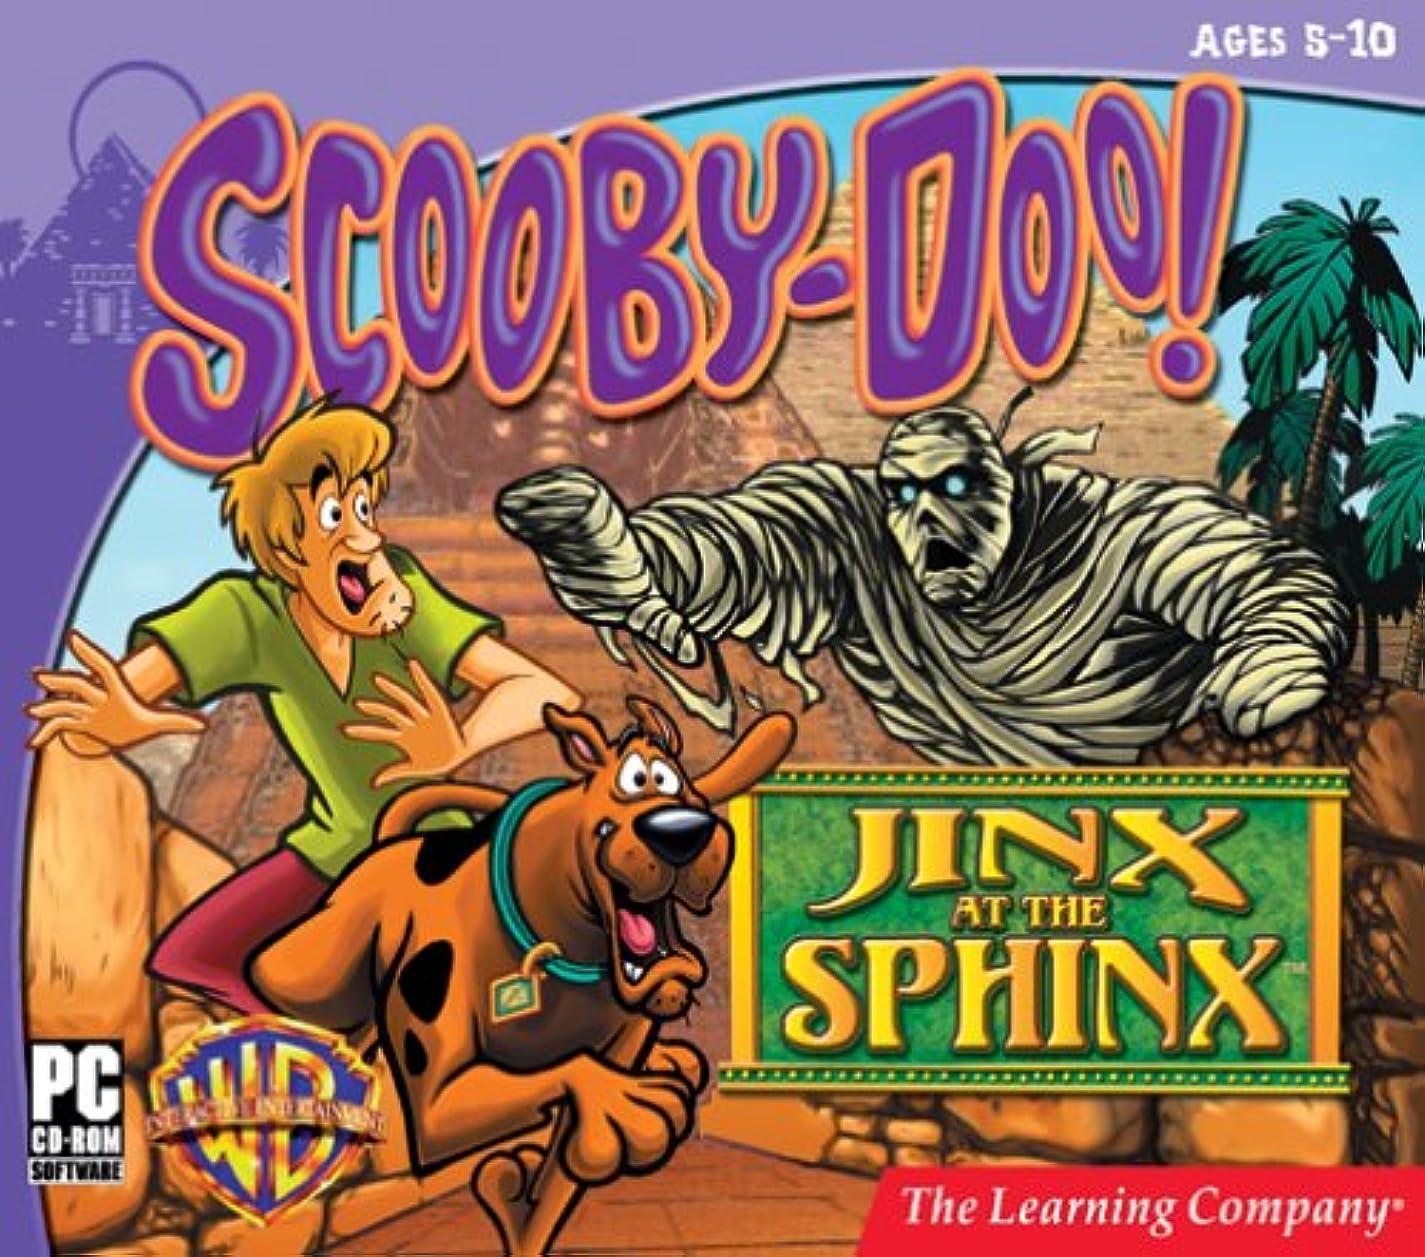 ストラップ次絶えずScooby Doo Jinx at the Sphinx (Jewel Case) (輸入版)